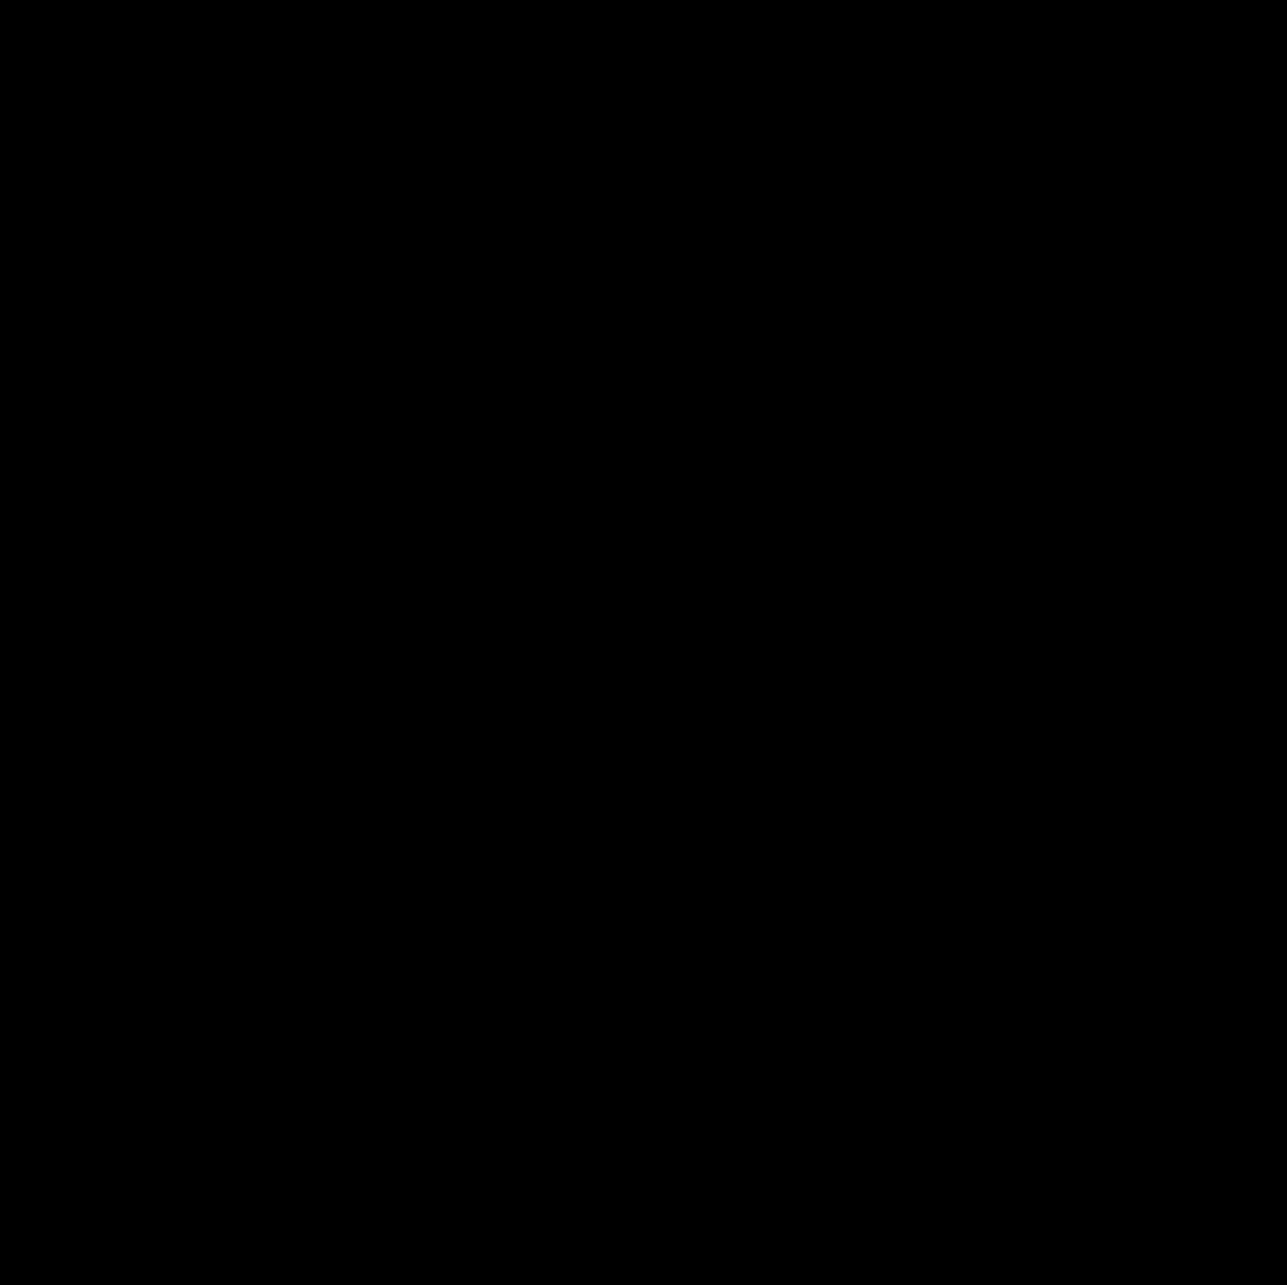 """TENSIDE – Album """"Glamour & Gloom"""" (VÖ 20.03.2020)"""